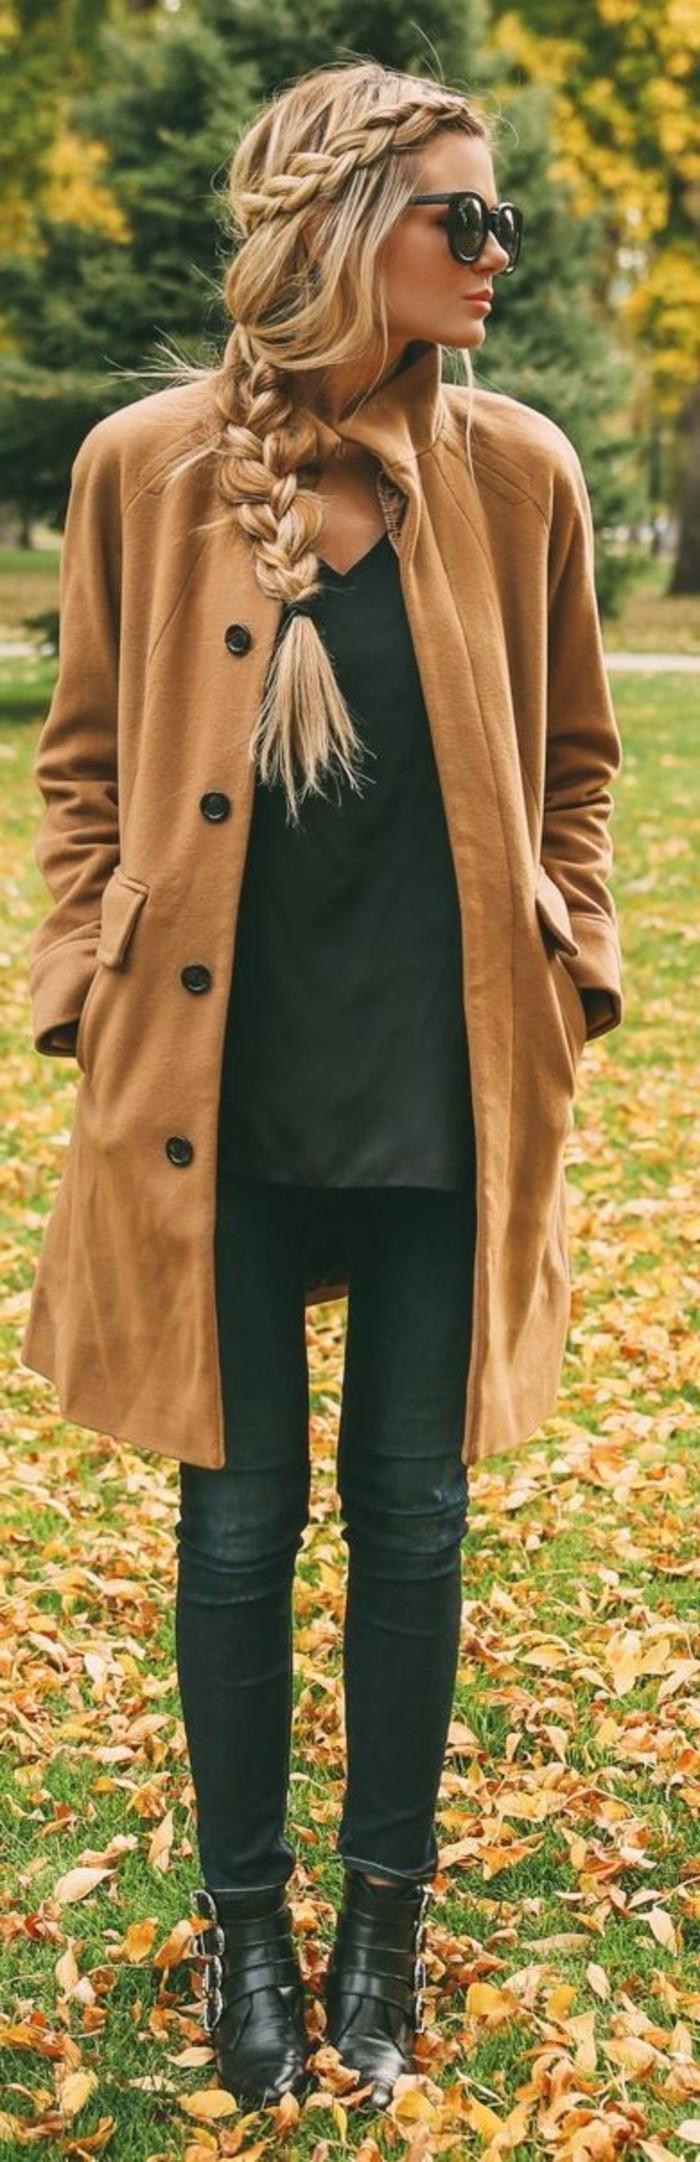 Alltagsfrisuren-für-lange-Haare-zu-Kleider-passend